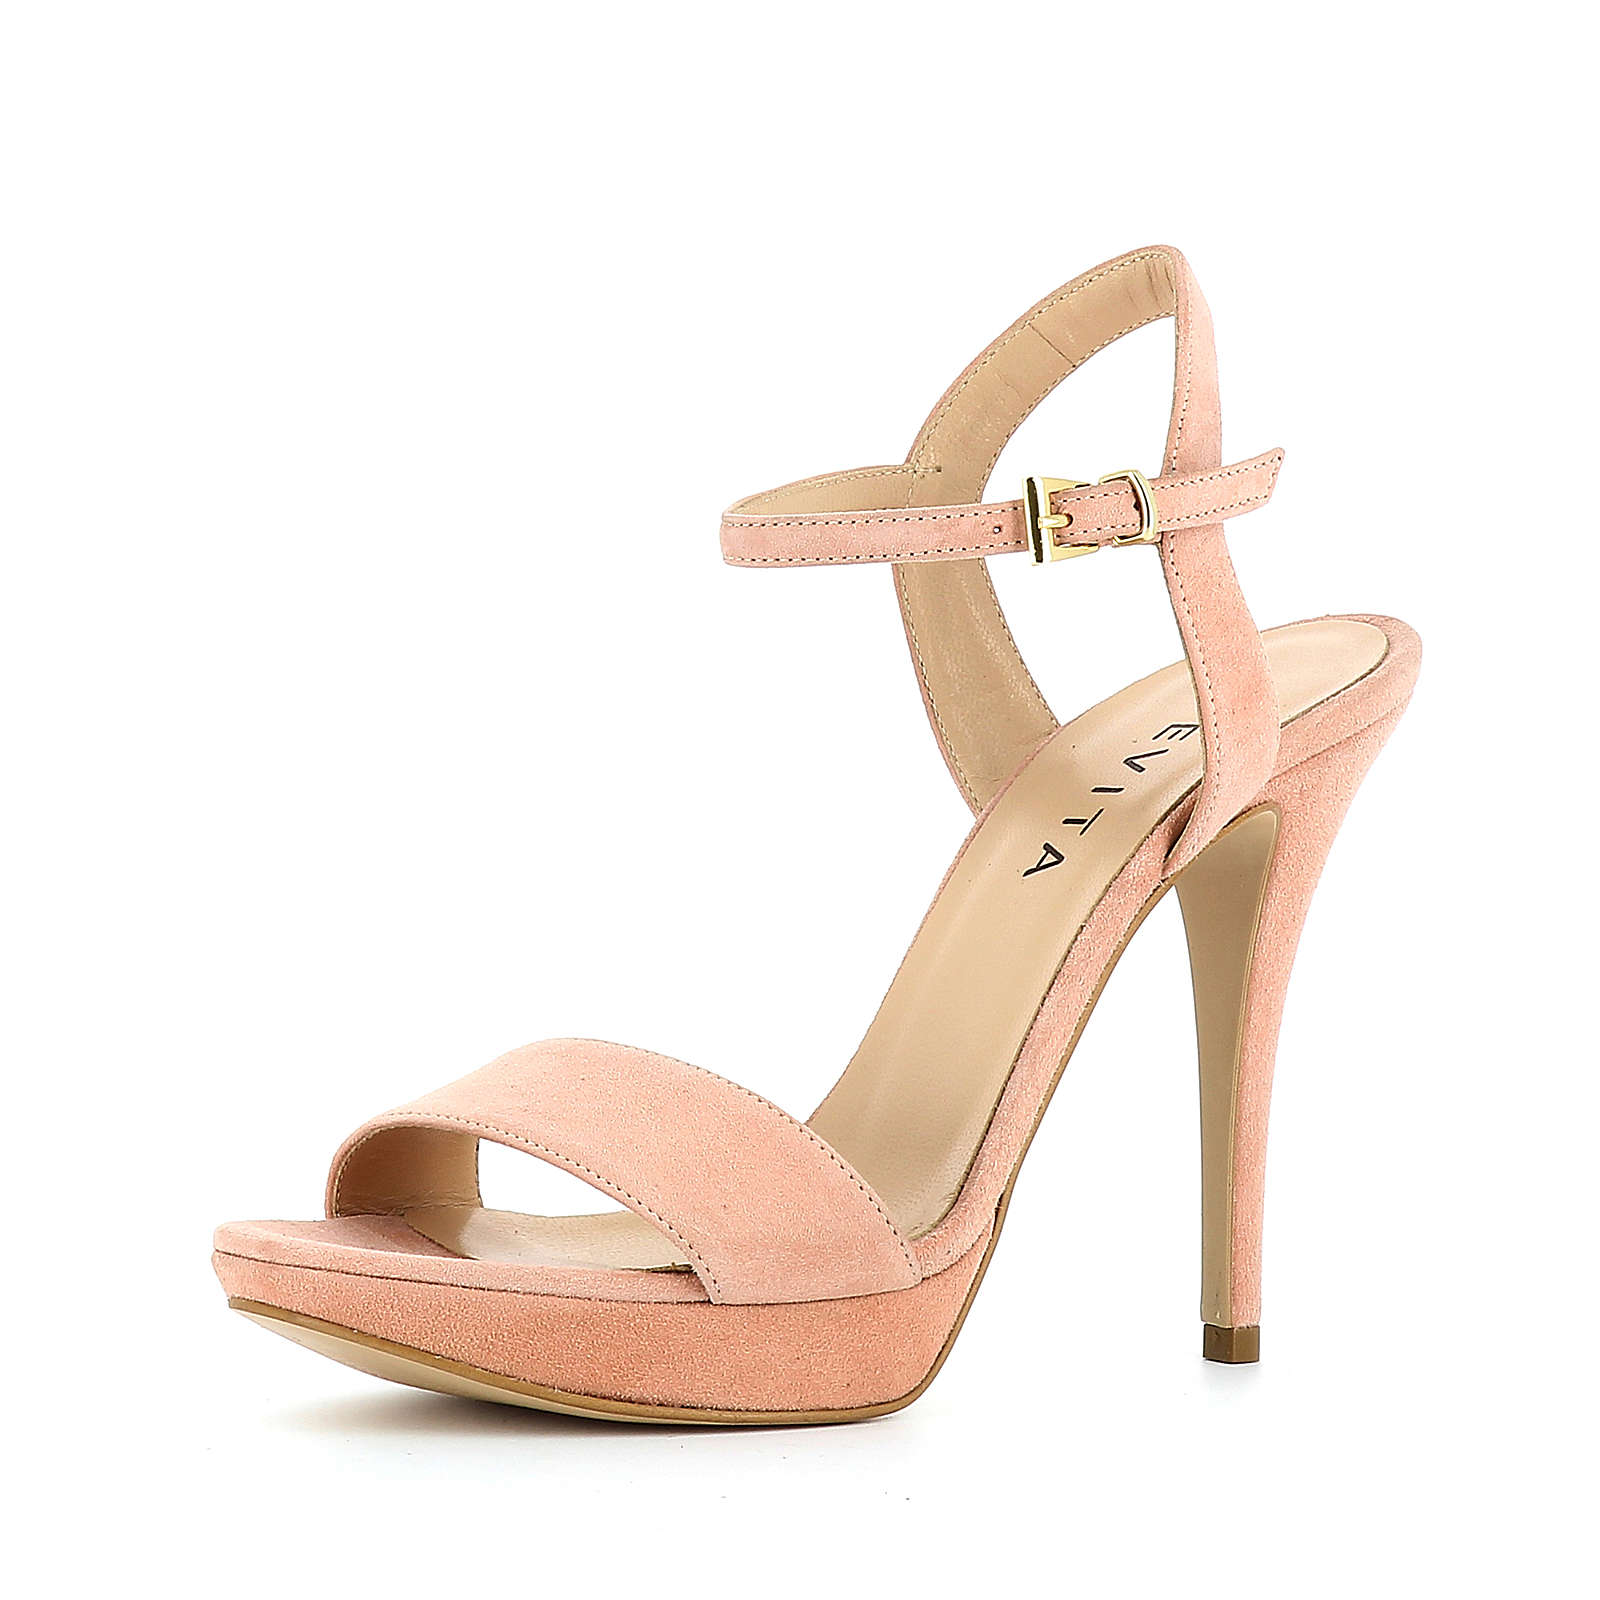 Evita Shoes Sandaletten rosa Damen Gr. 42